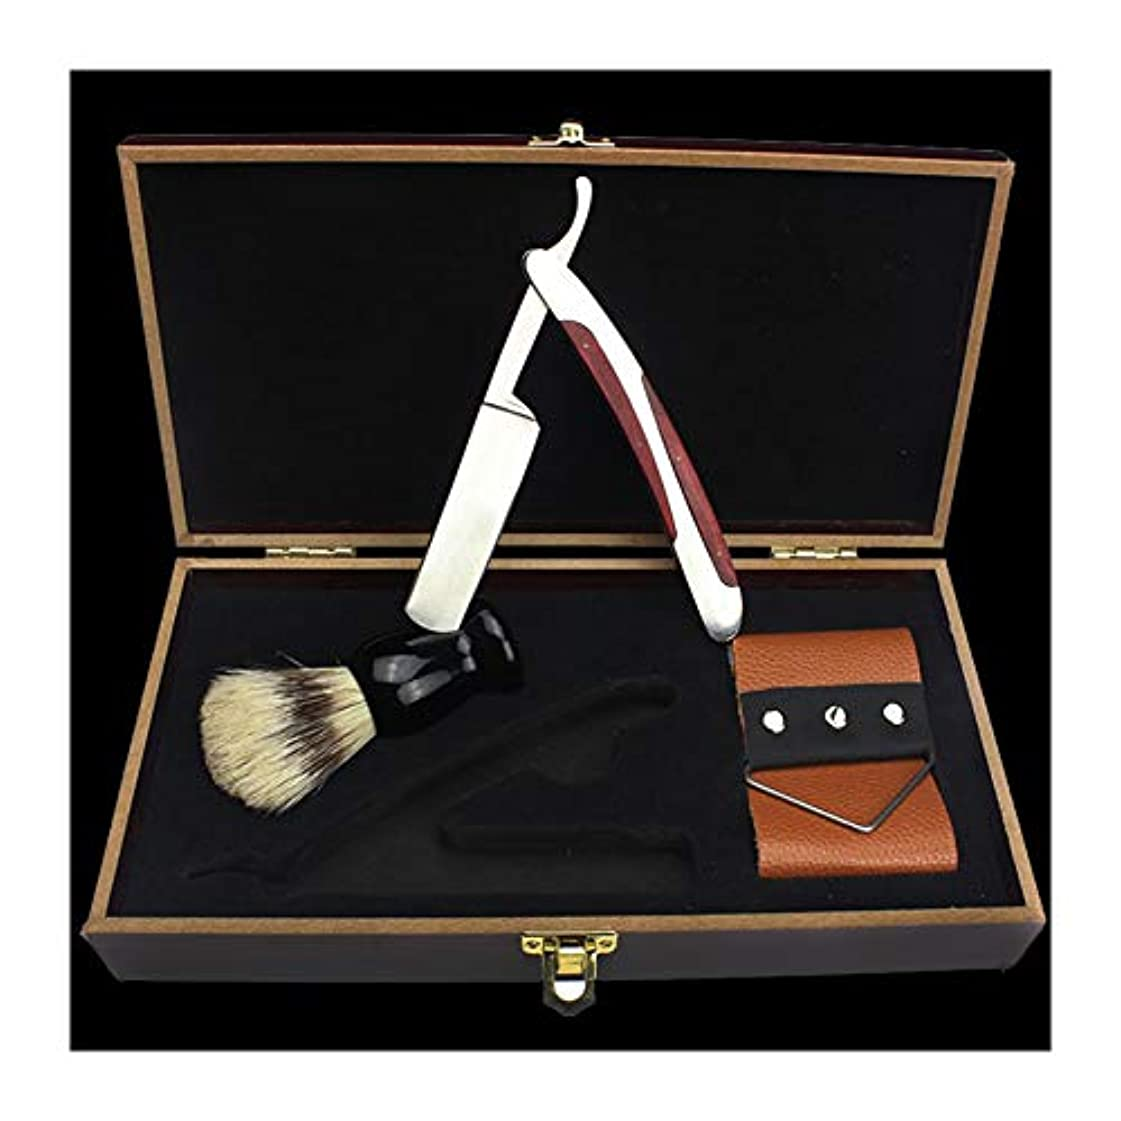 の静けさレッドデートYX1086ストレートかみそりセット、理髪師かみそり、プロフェッショナルストレートかみそりシェービングキット、男性用シェービング用ハンドメイド,Red